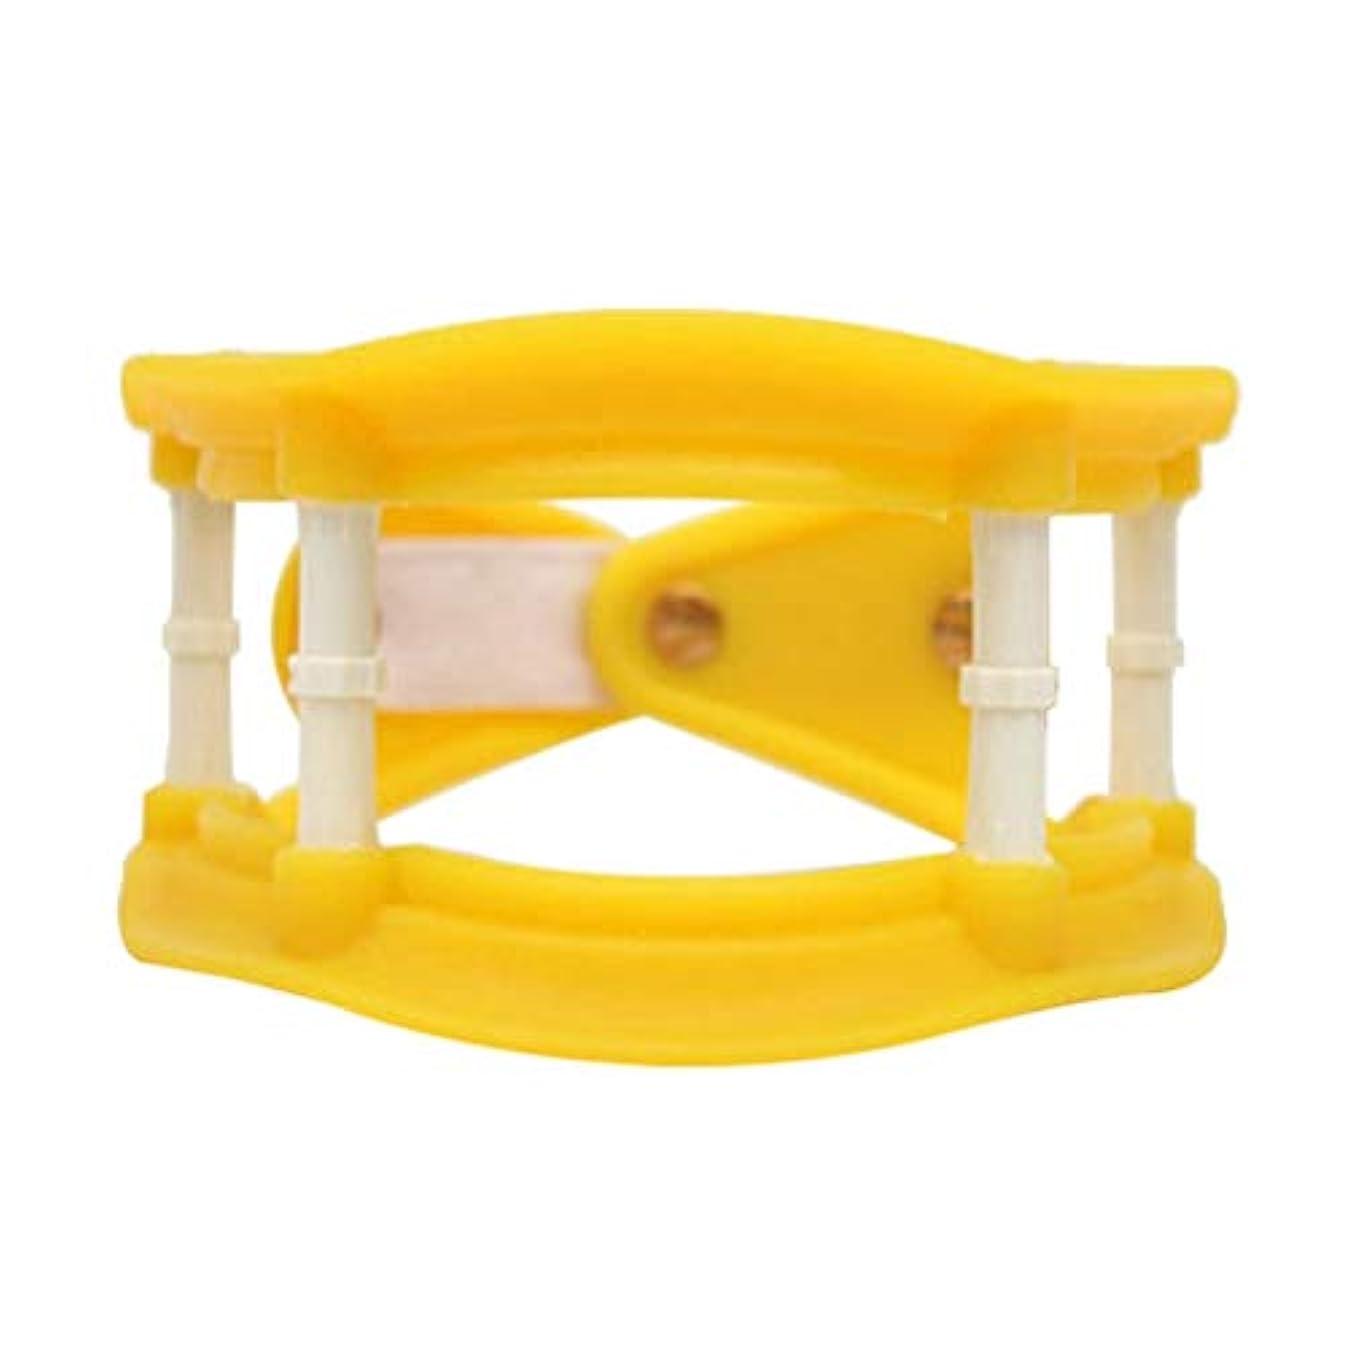 熱心共和国しばしばHealifty 首の牽引通気性の首サポートブレース調整可能な首のつばの首の痛みを軽減します傷害回復(黄色)